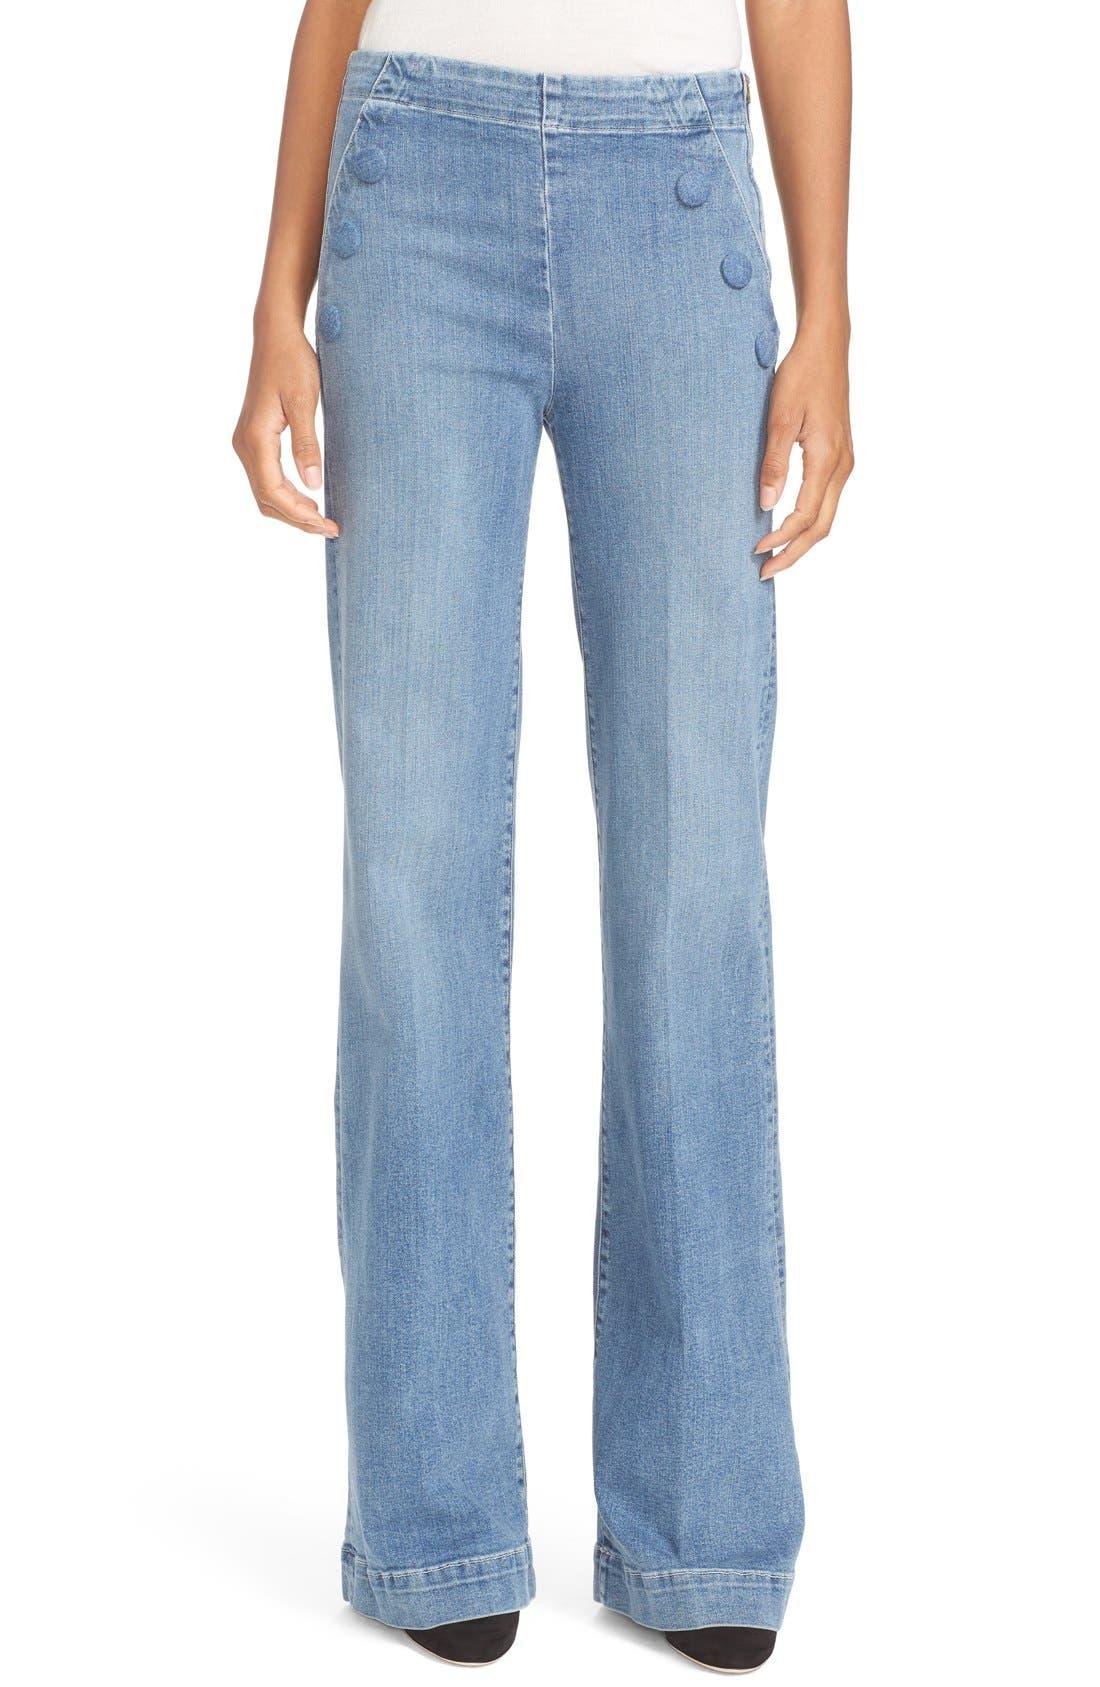 FRAME High Waist Flare Sailor Jeans